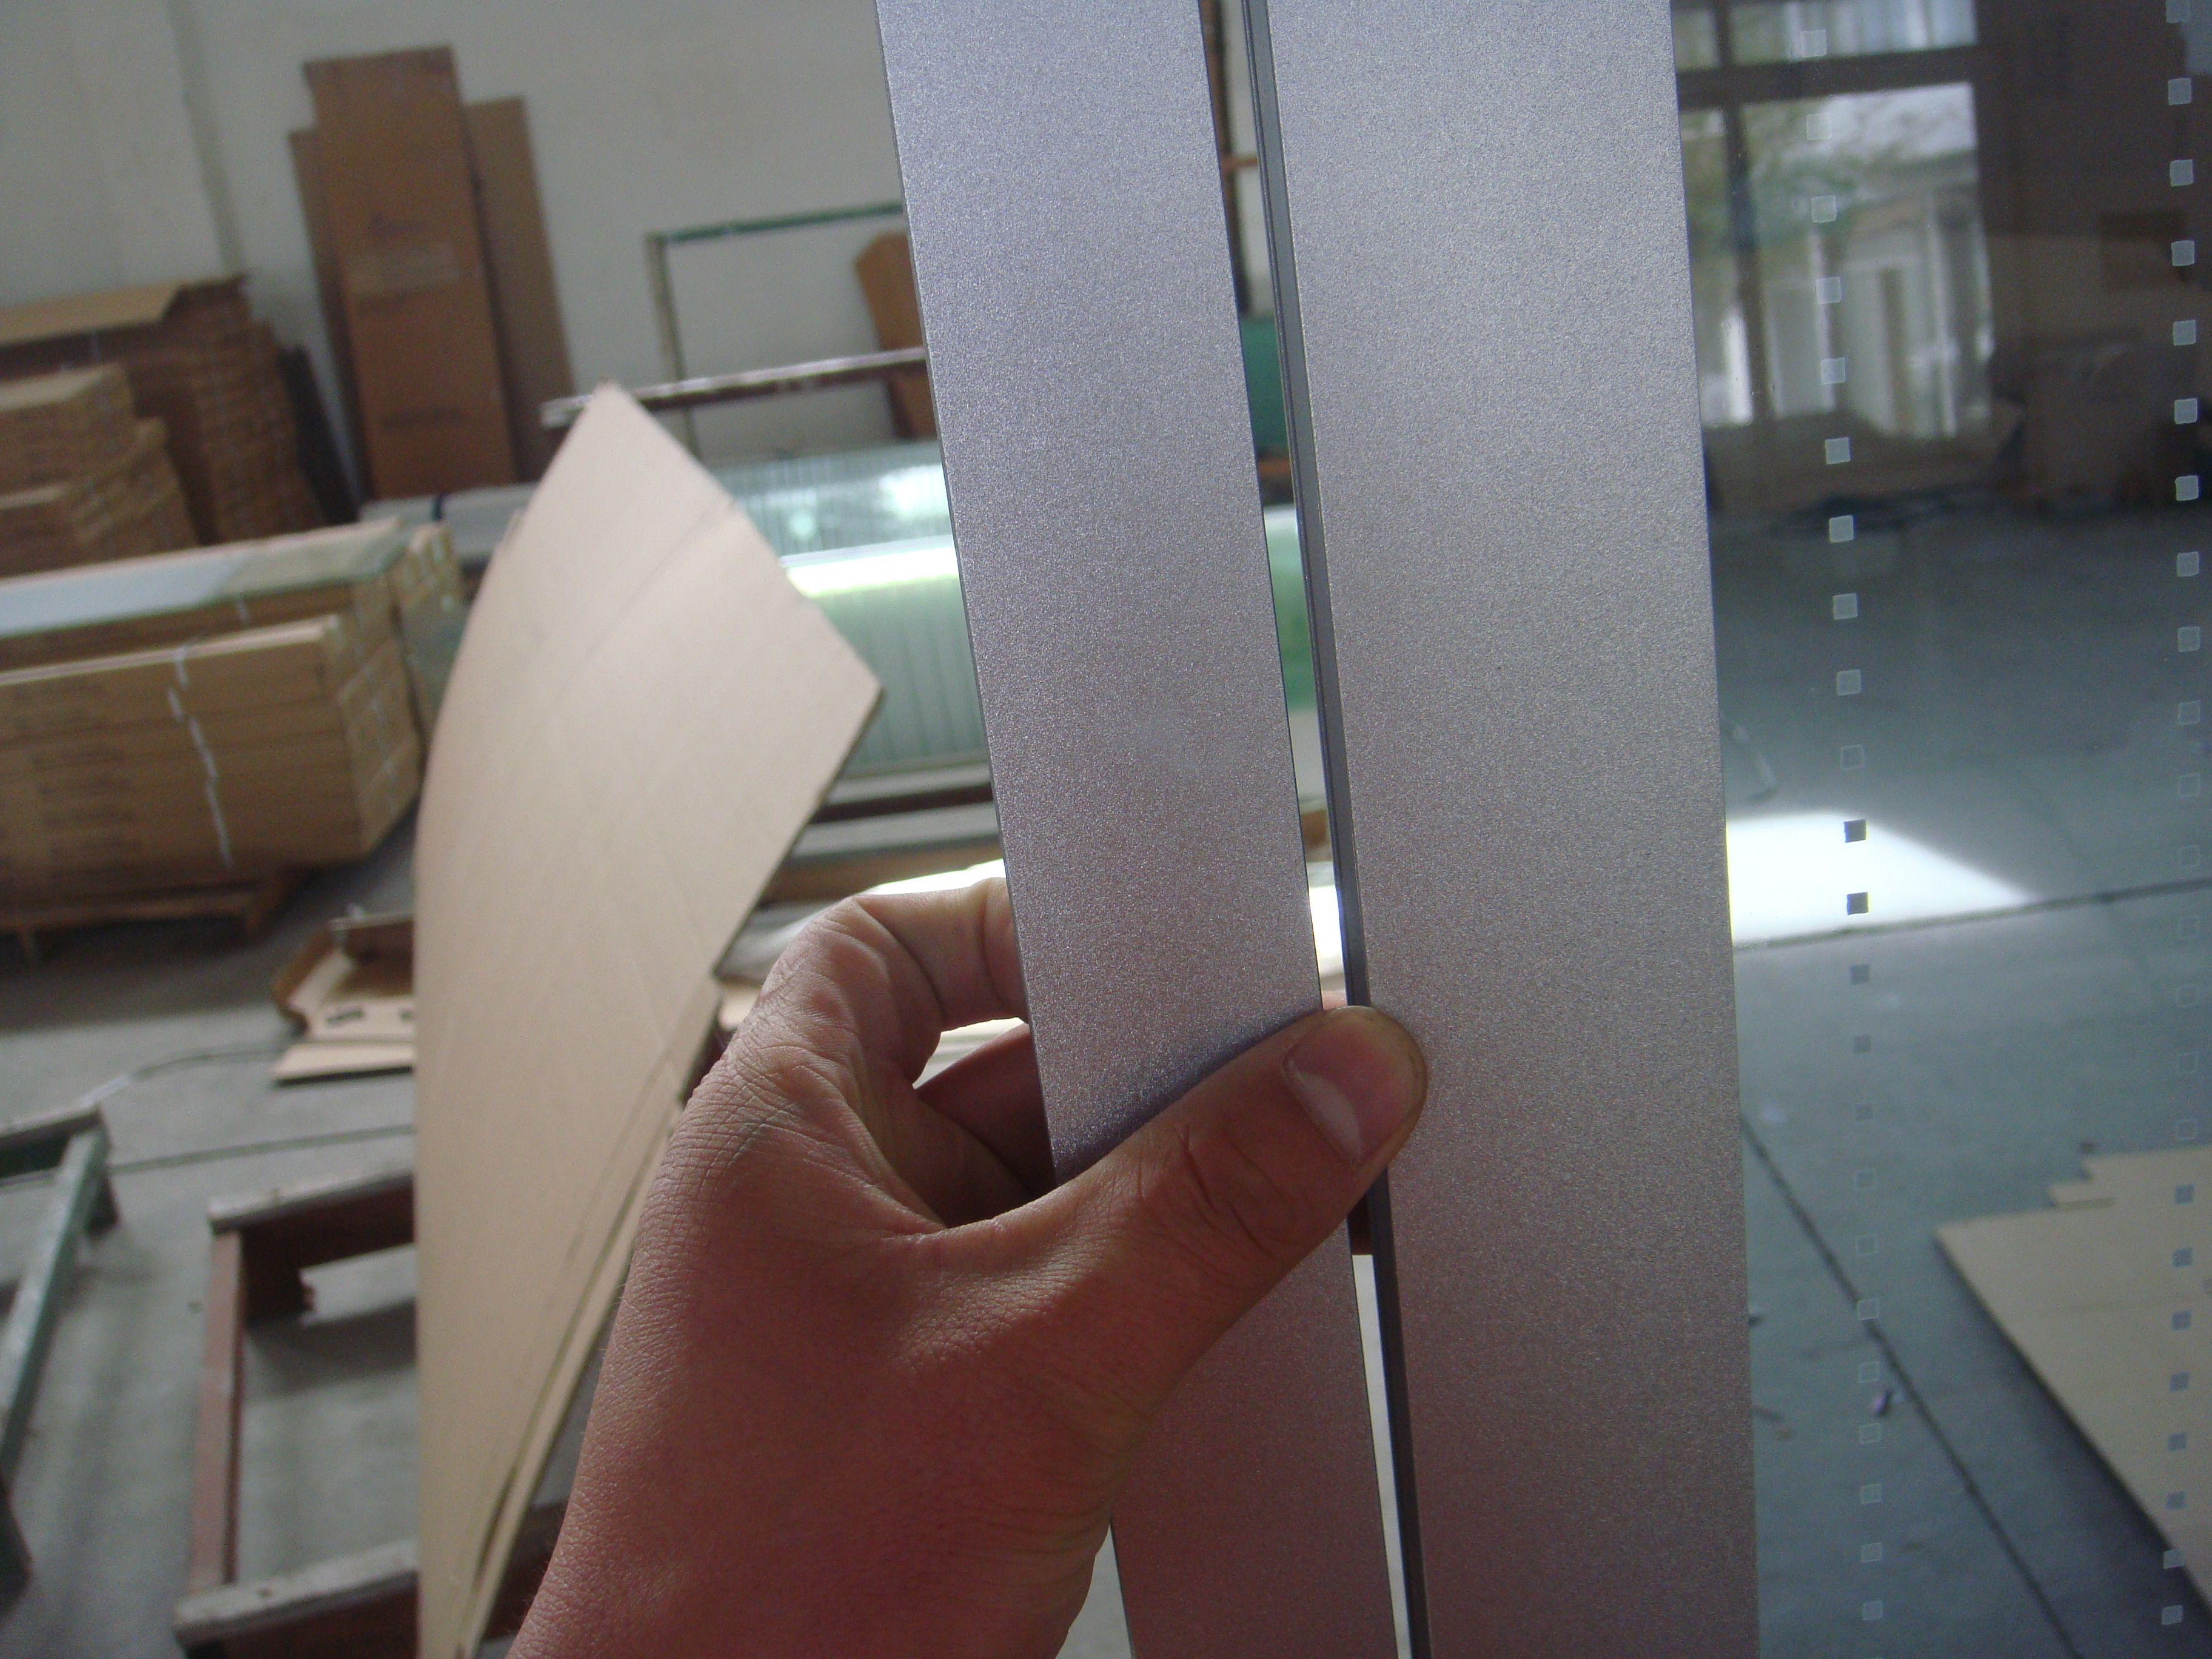 Jordan Hot Selling Sliding Shower Doors Adjustable Wall Profiles Sliding Shower Door Shower Doors Shower